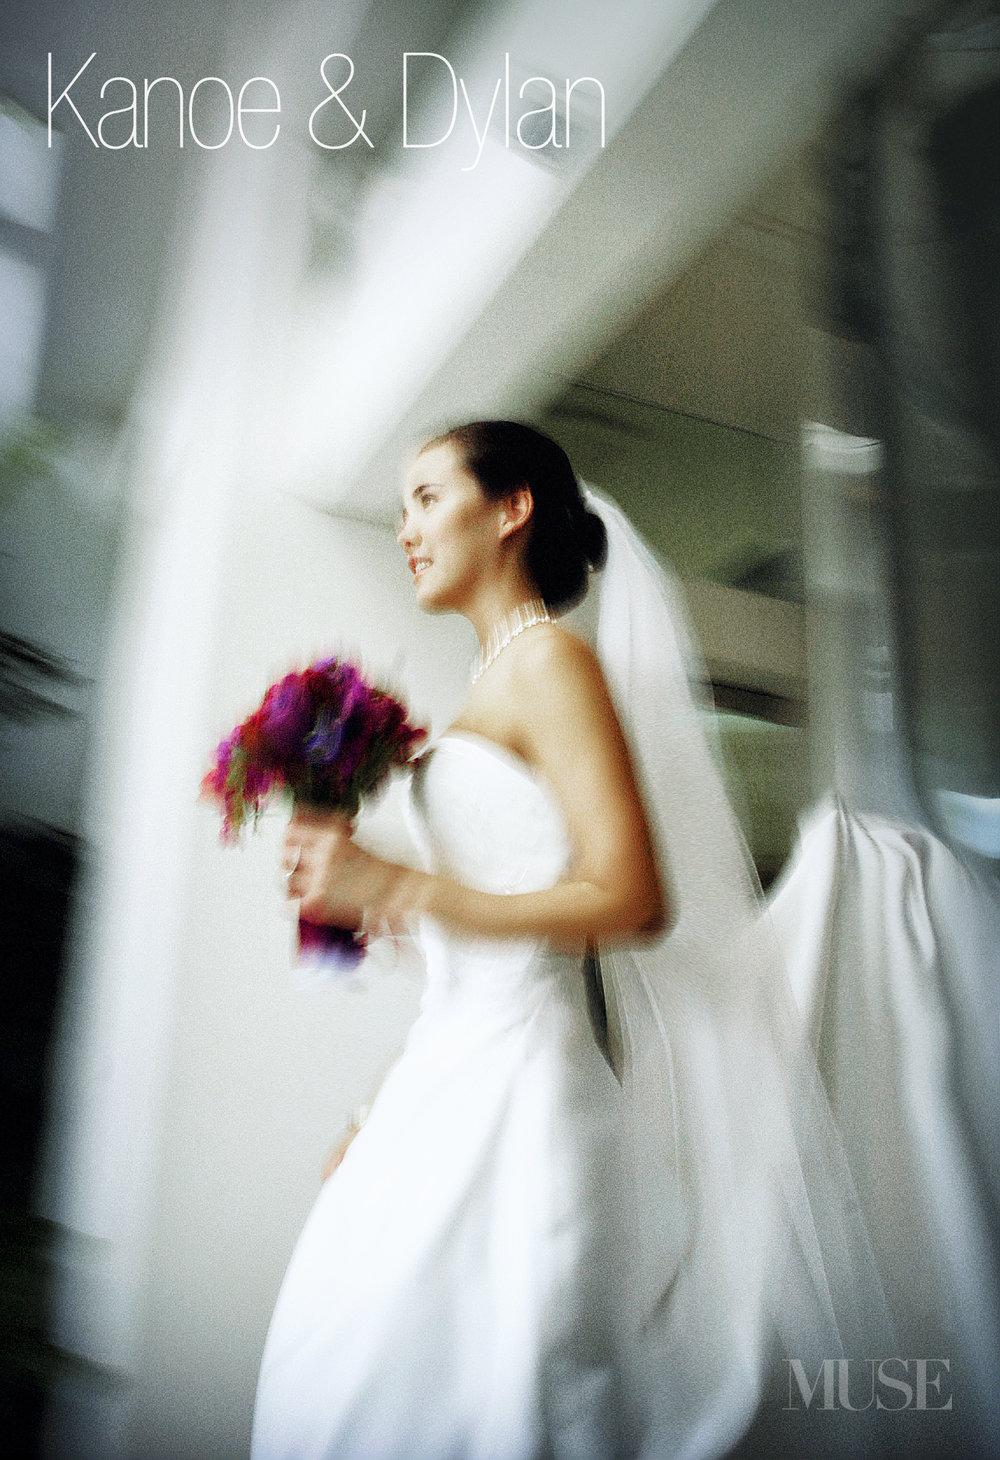 MUSE Bride Lookbook - Brides . Kanoe